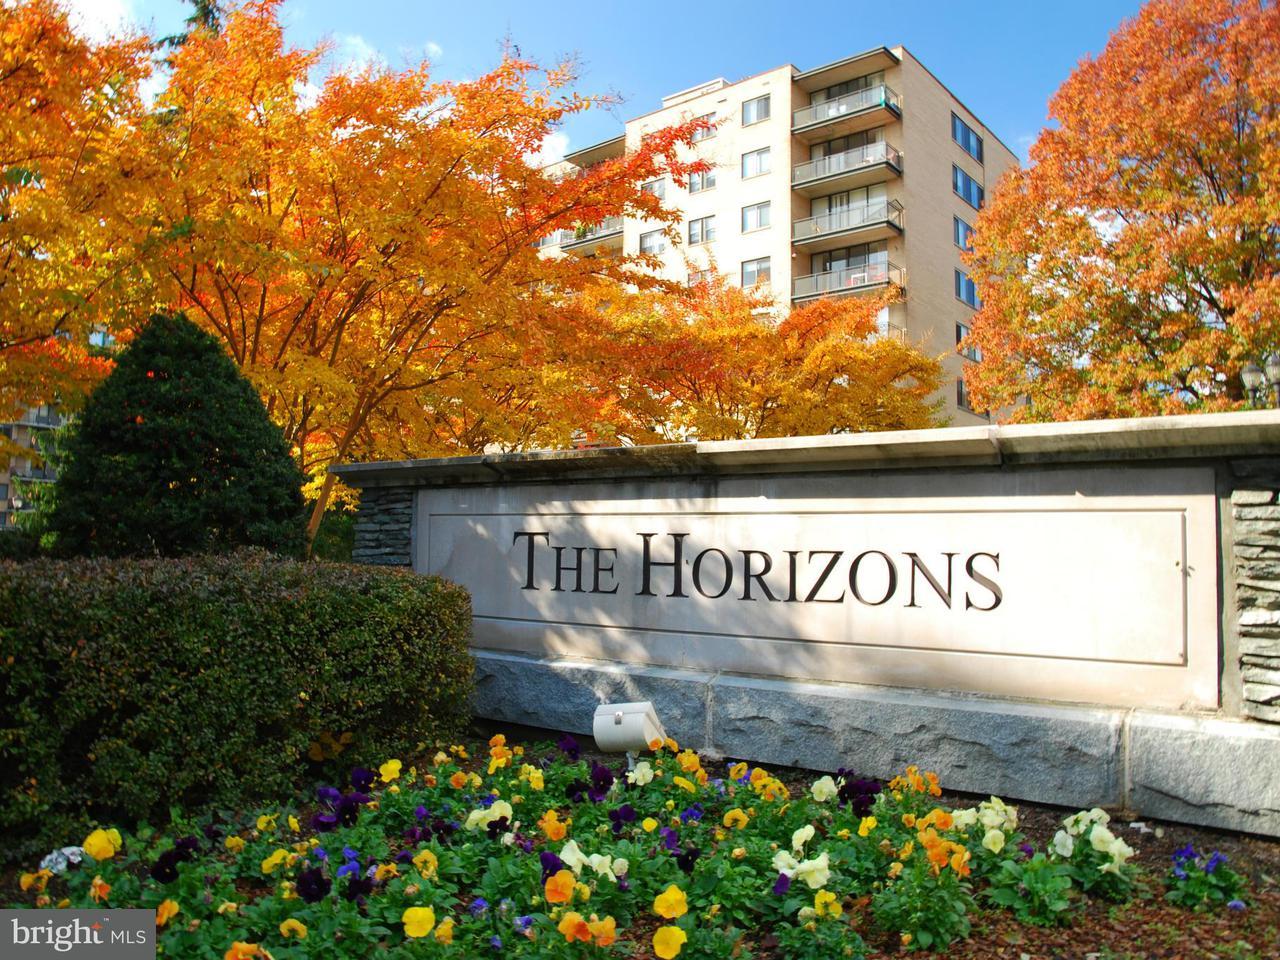 Condominium for Rent at 4320 Old Dominion Dr #001/1 Arlington, Virginia 22207 United States